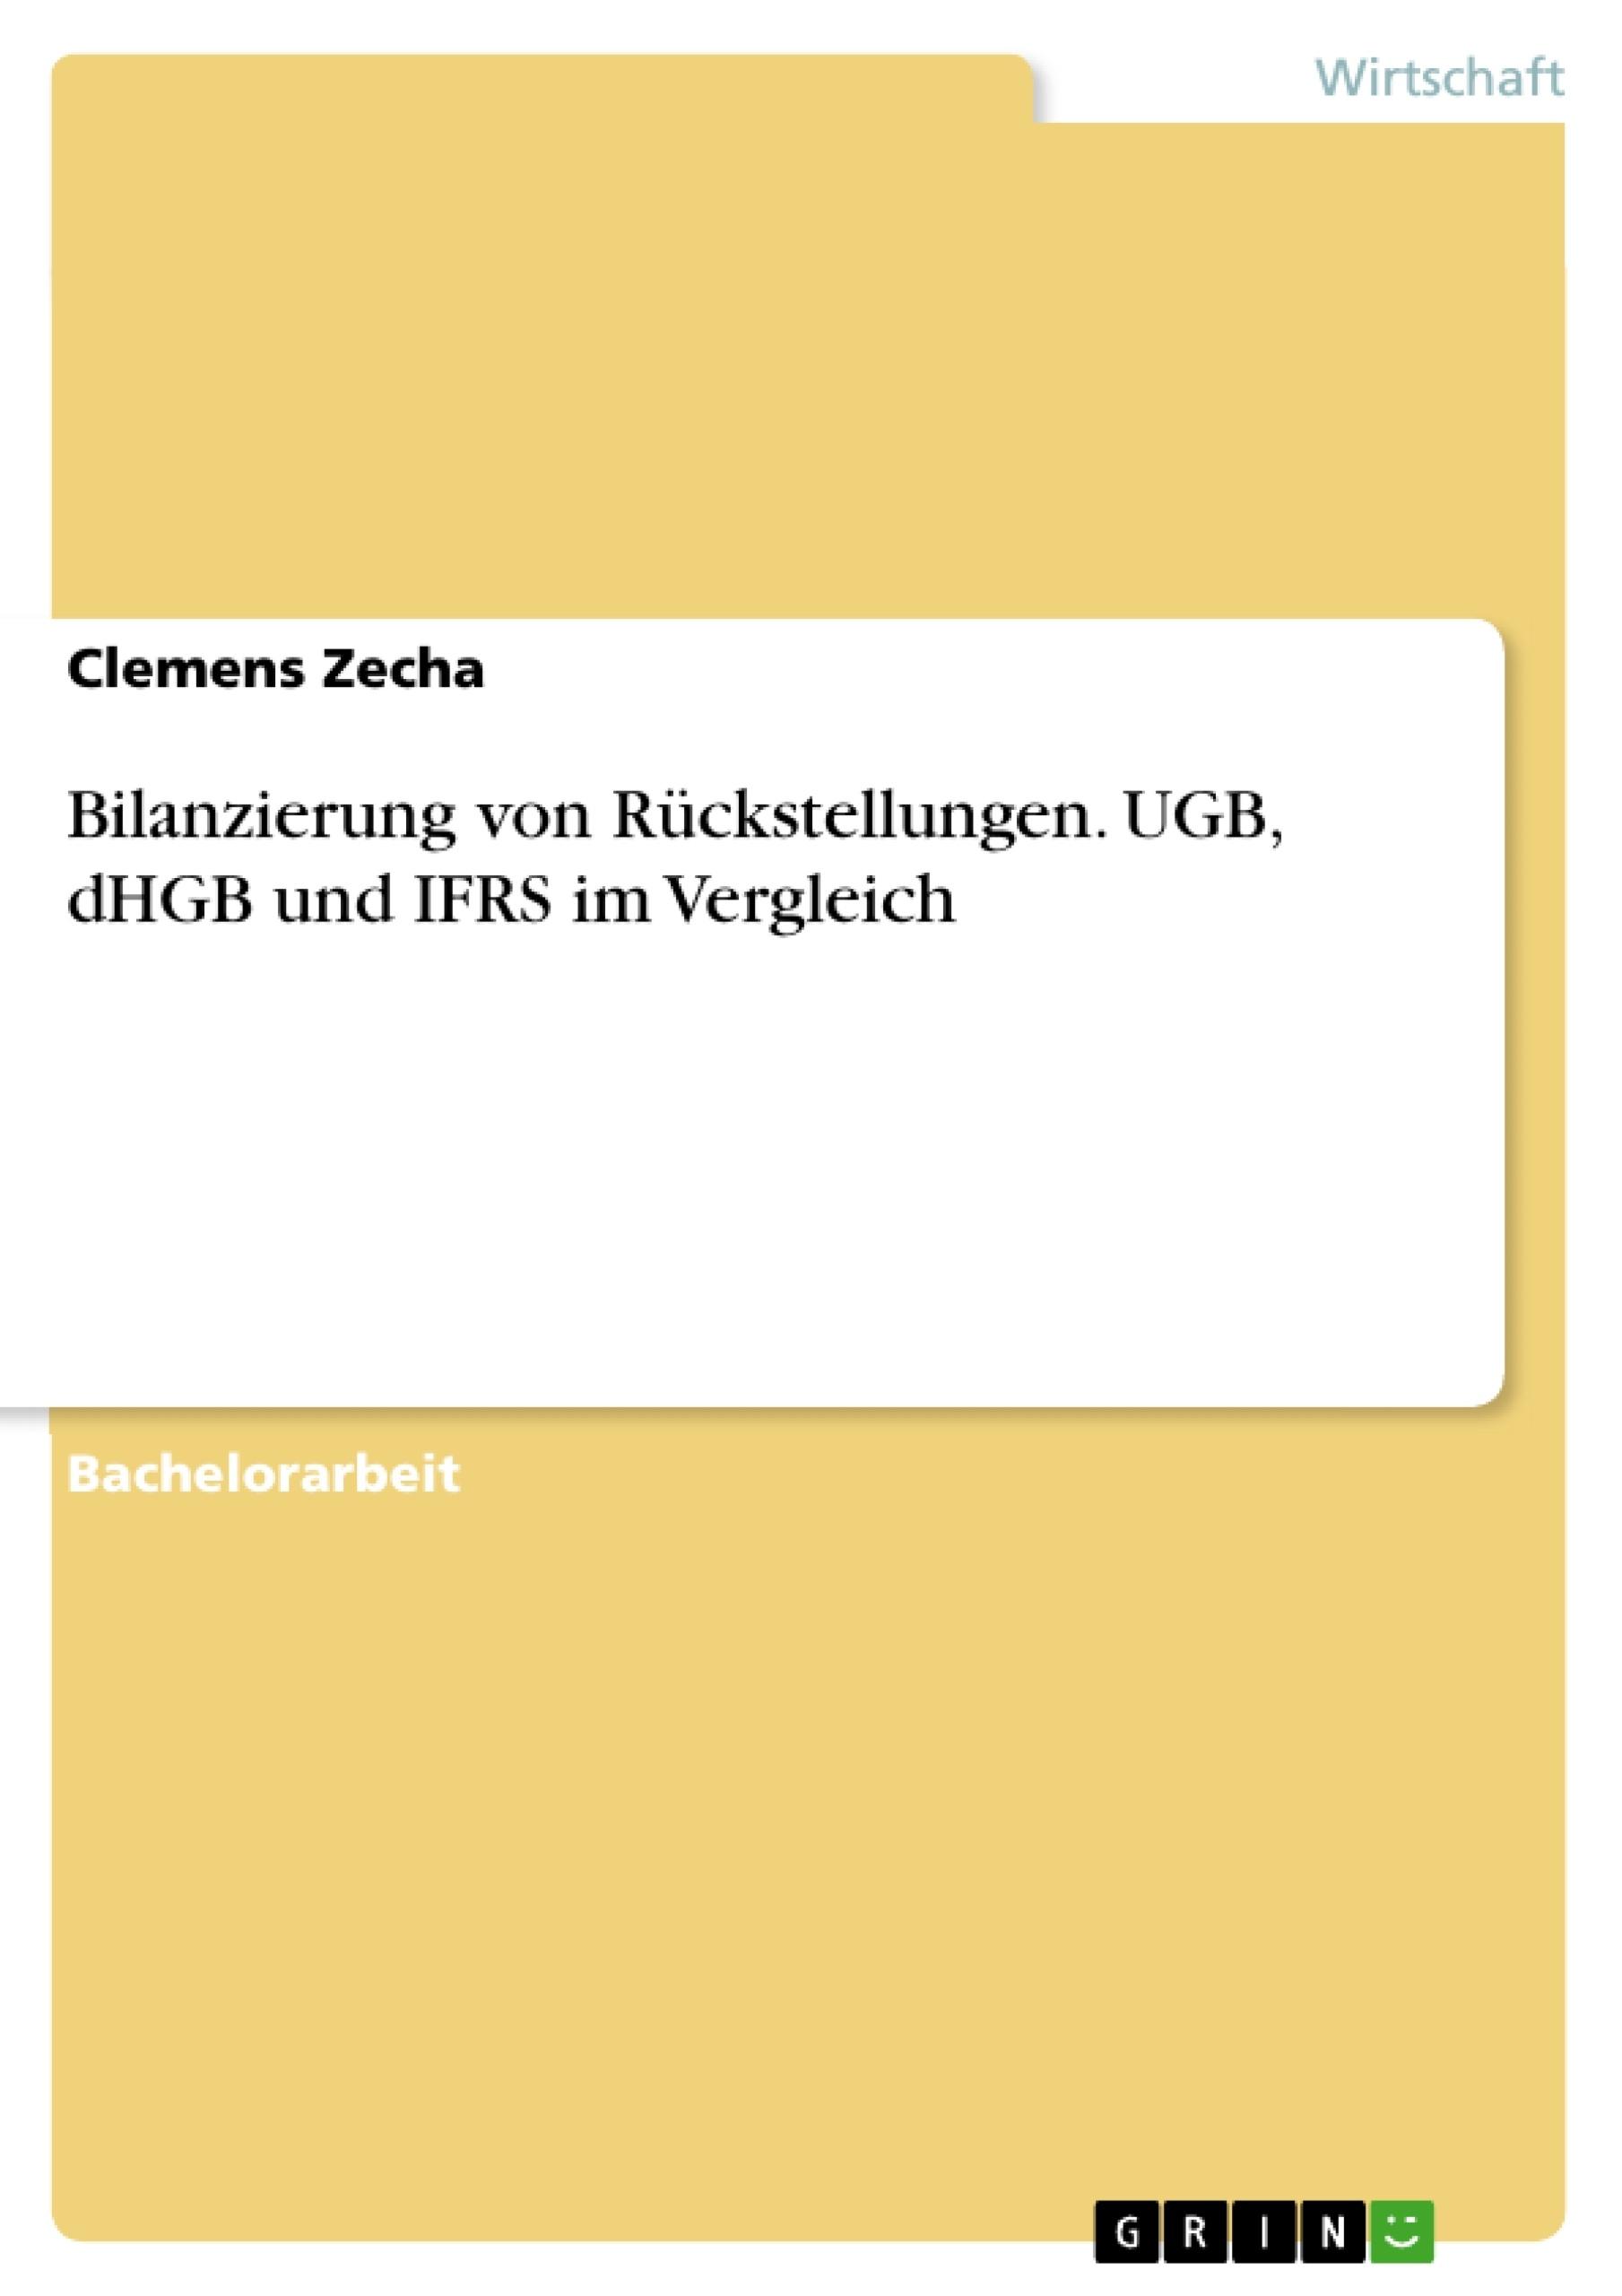 Titel: Bilanzierung von Rückstellungen. UGB, dHGB und IFRS im Vergleich